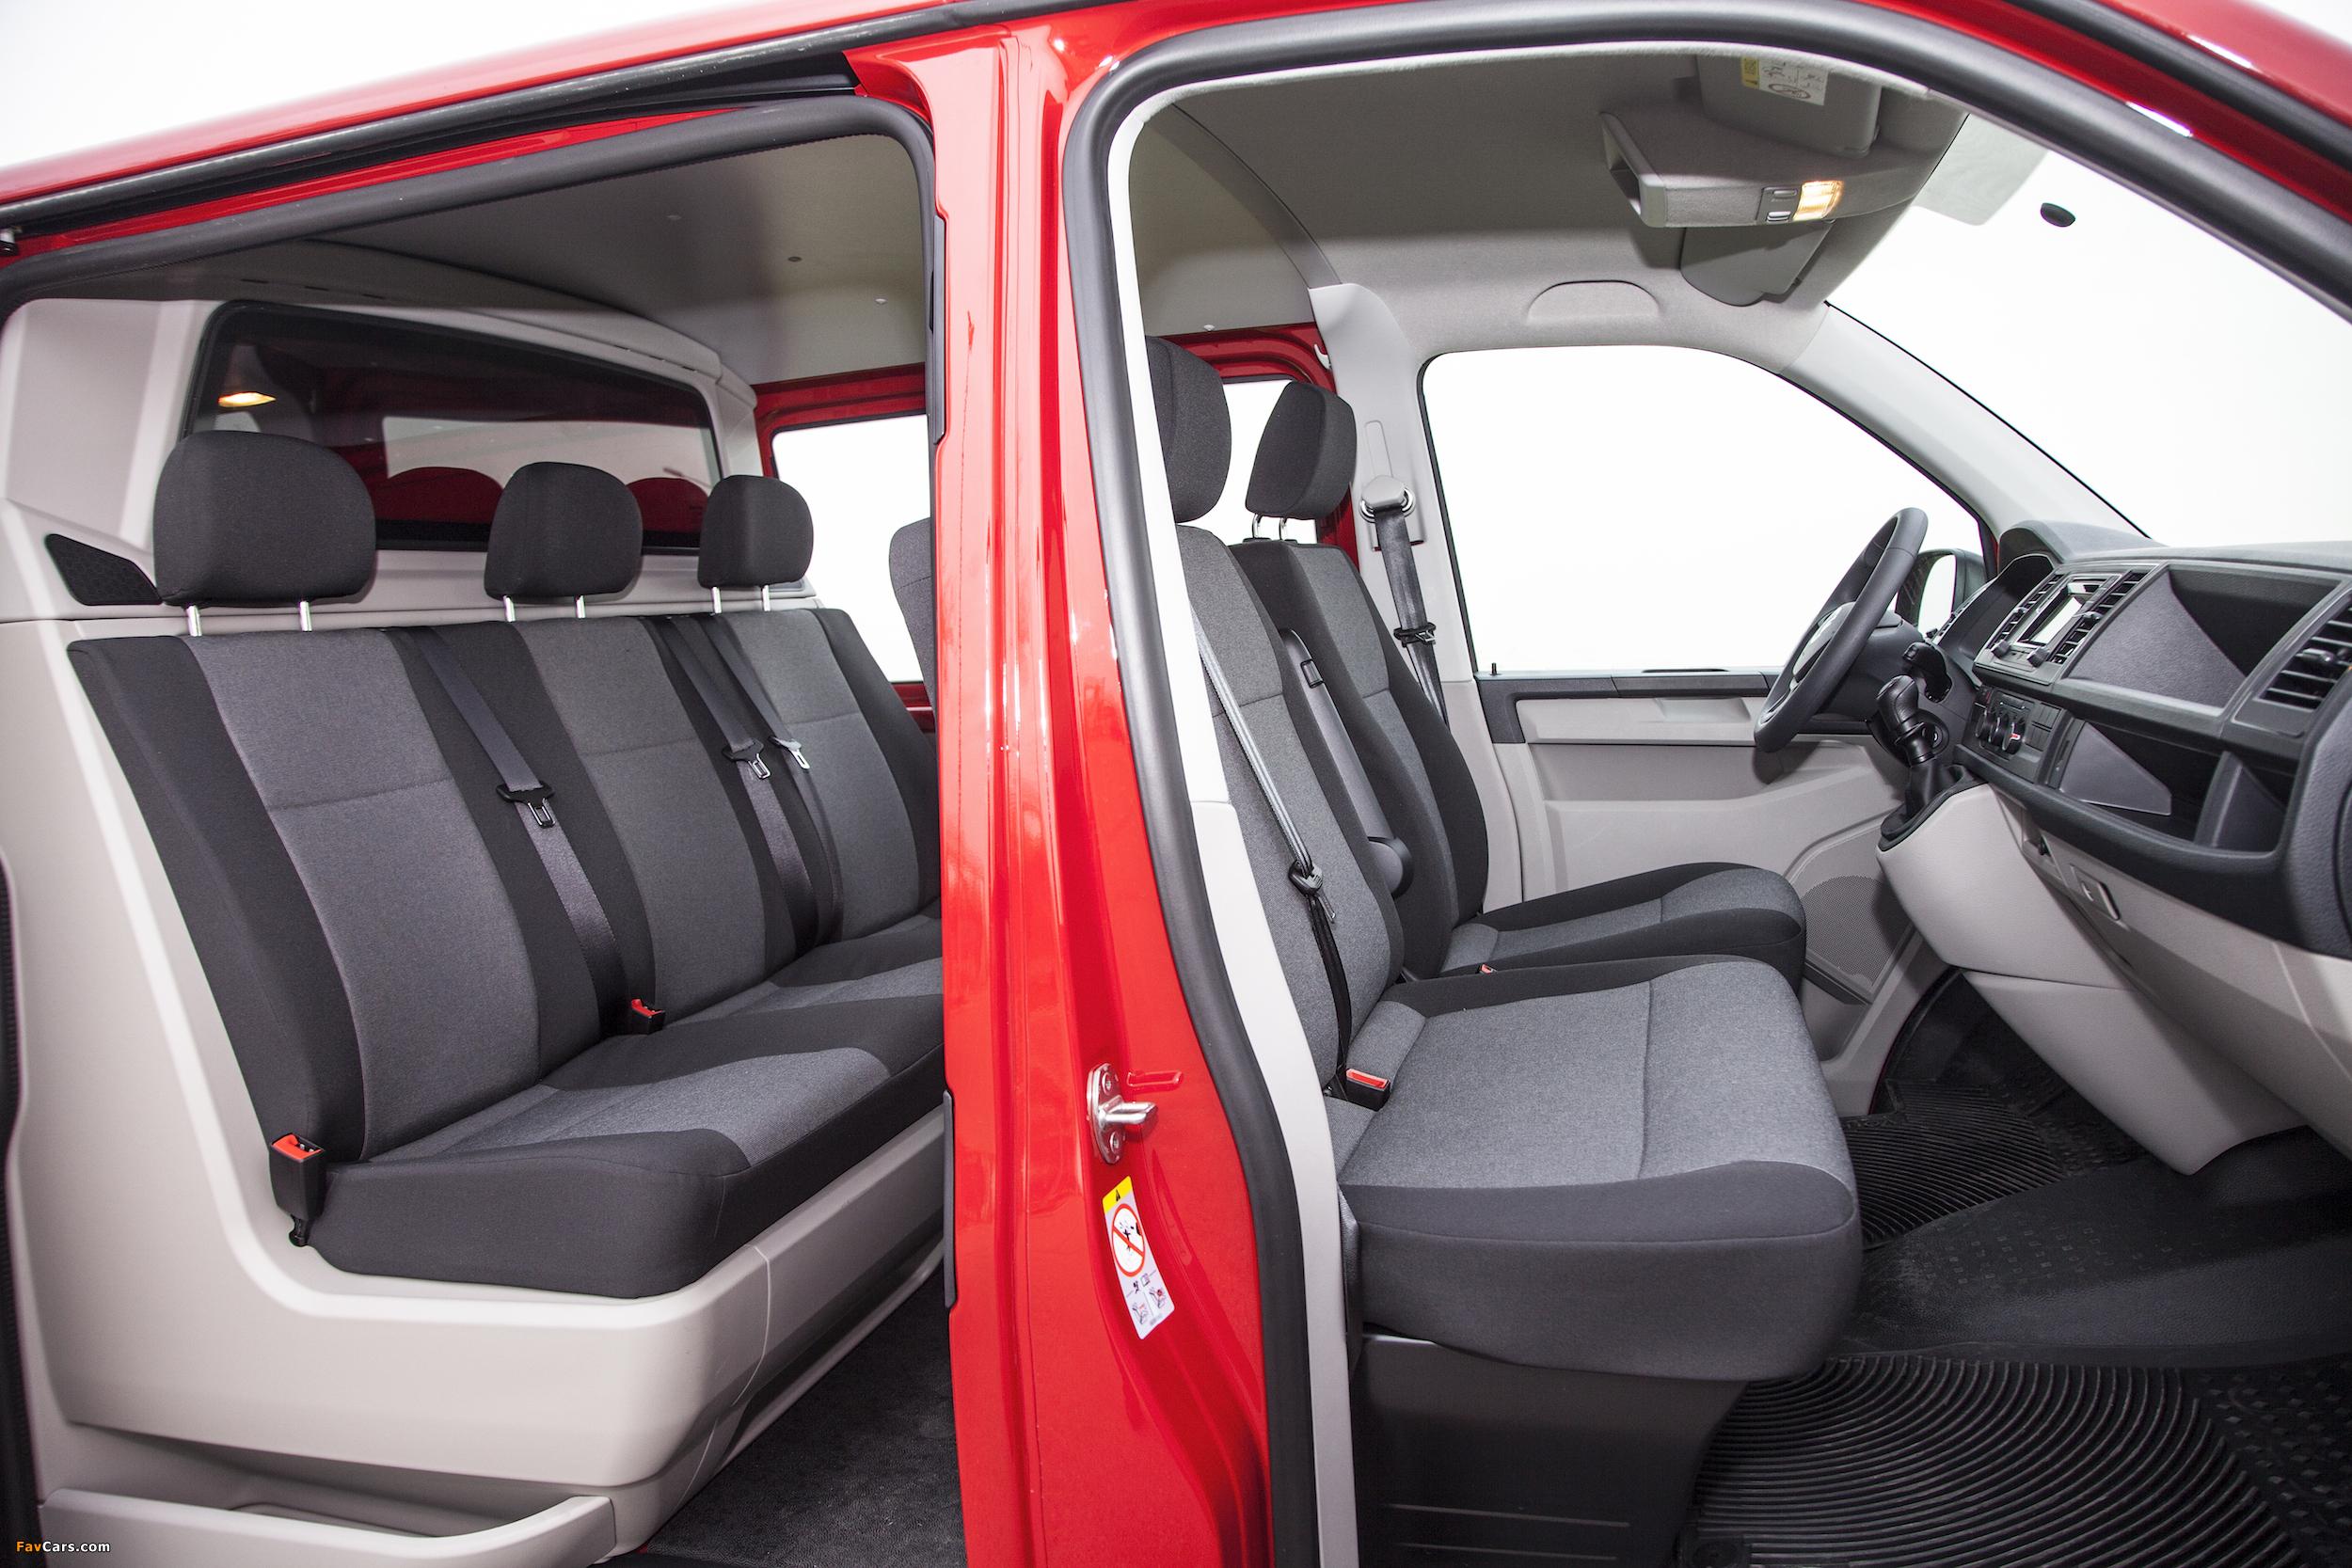 Volkswagen Transporter Mixto Plus (T6) 2015 images (2500 x 1667)